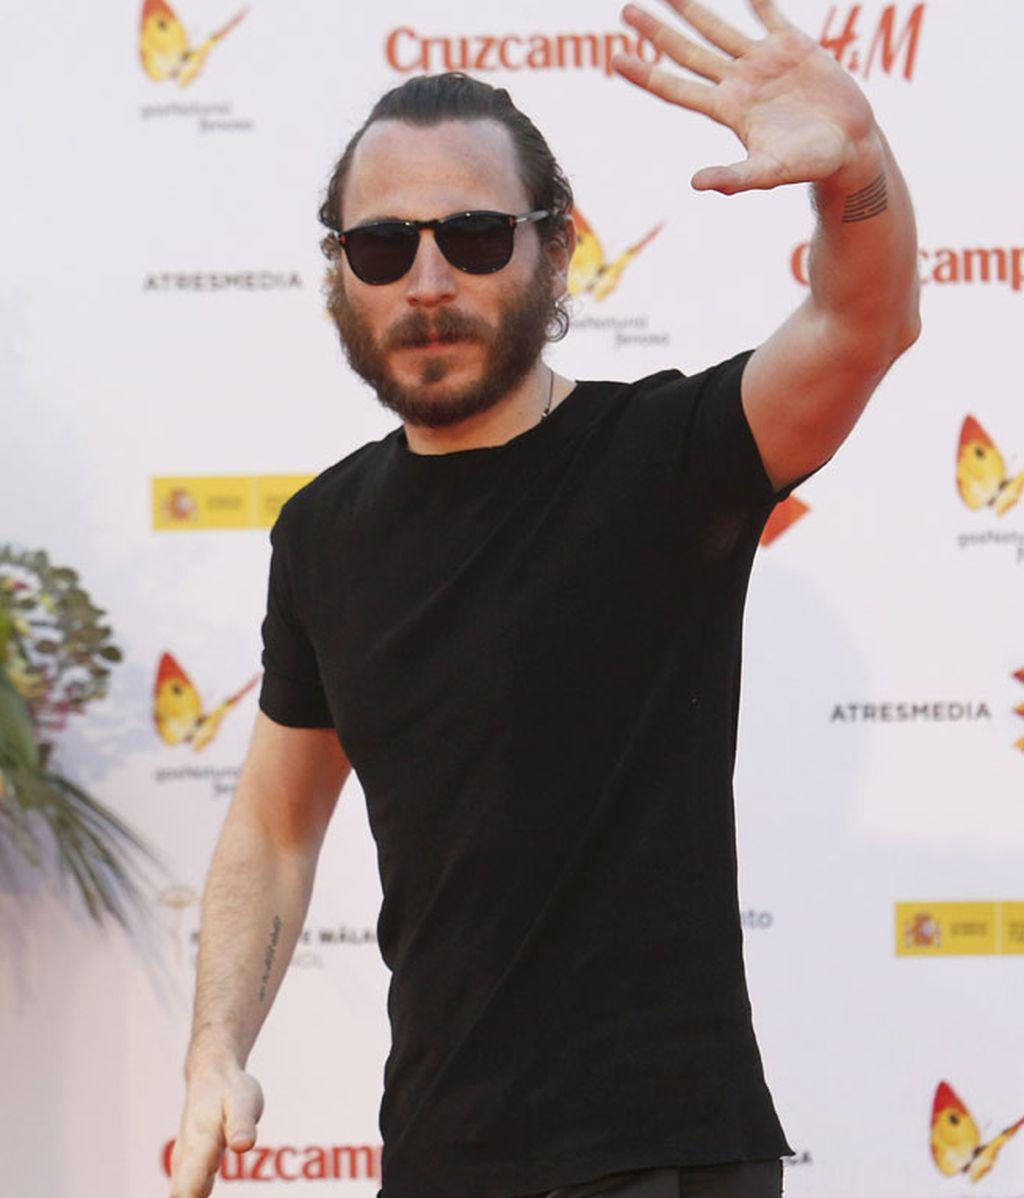 El actor Rubén Ochandiano, con barba y pelo recogido